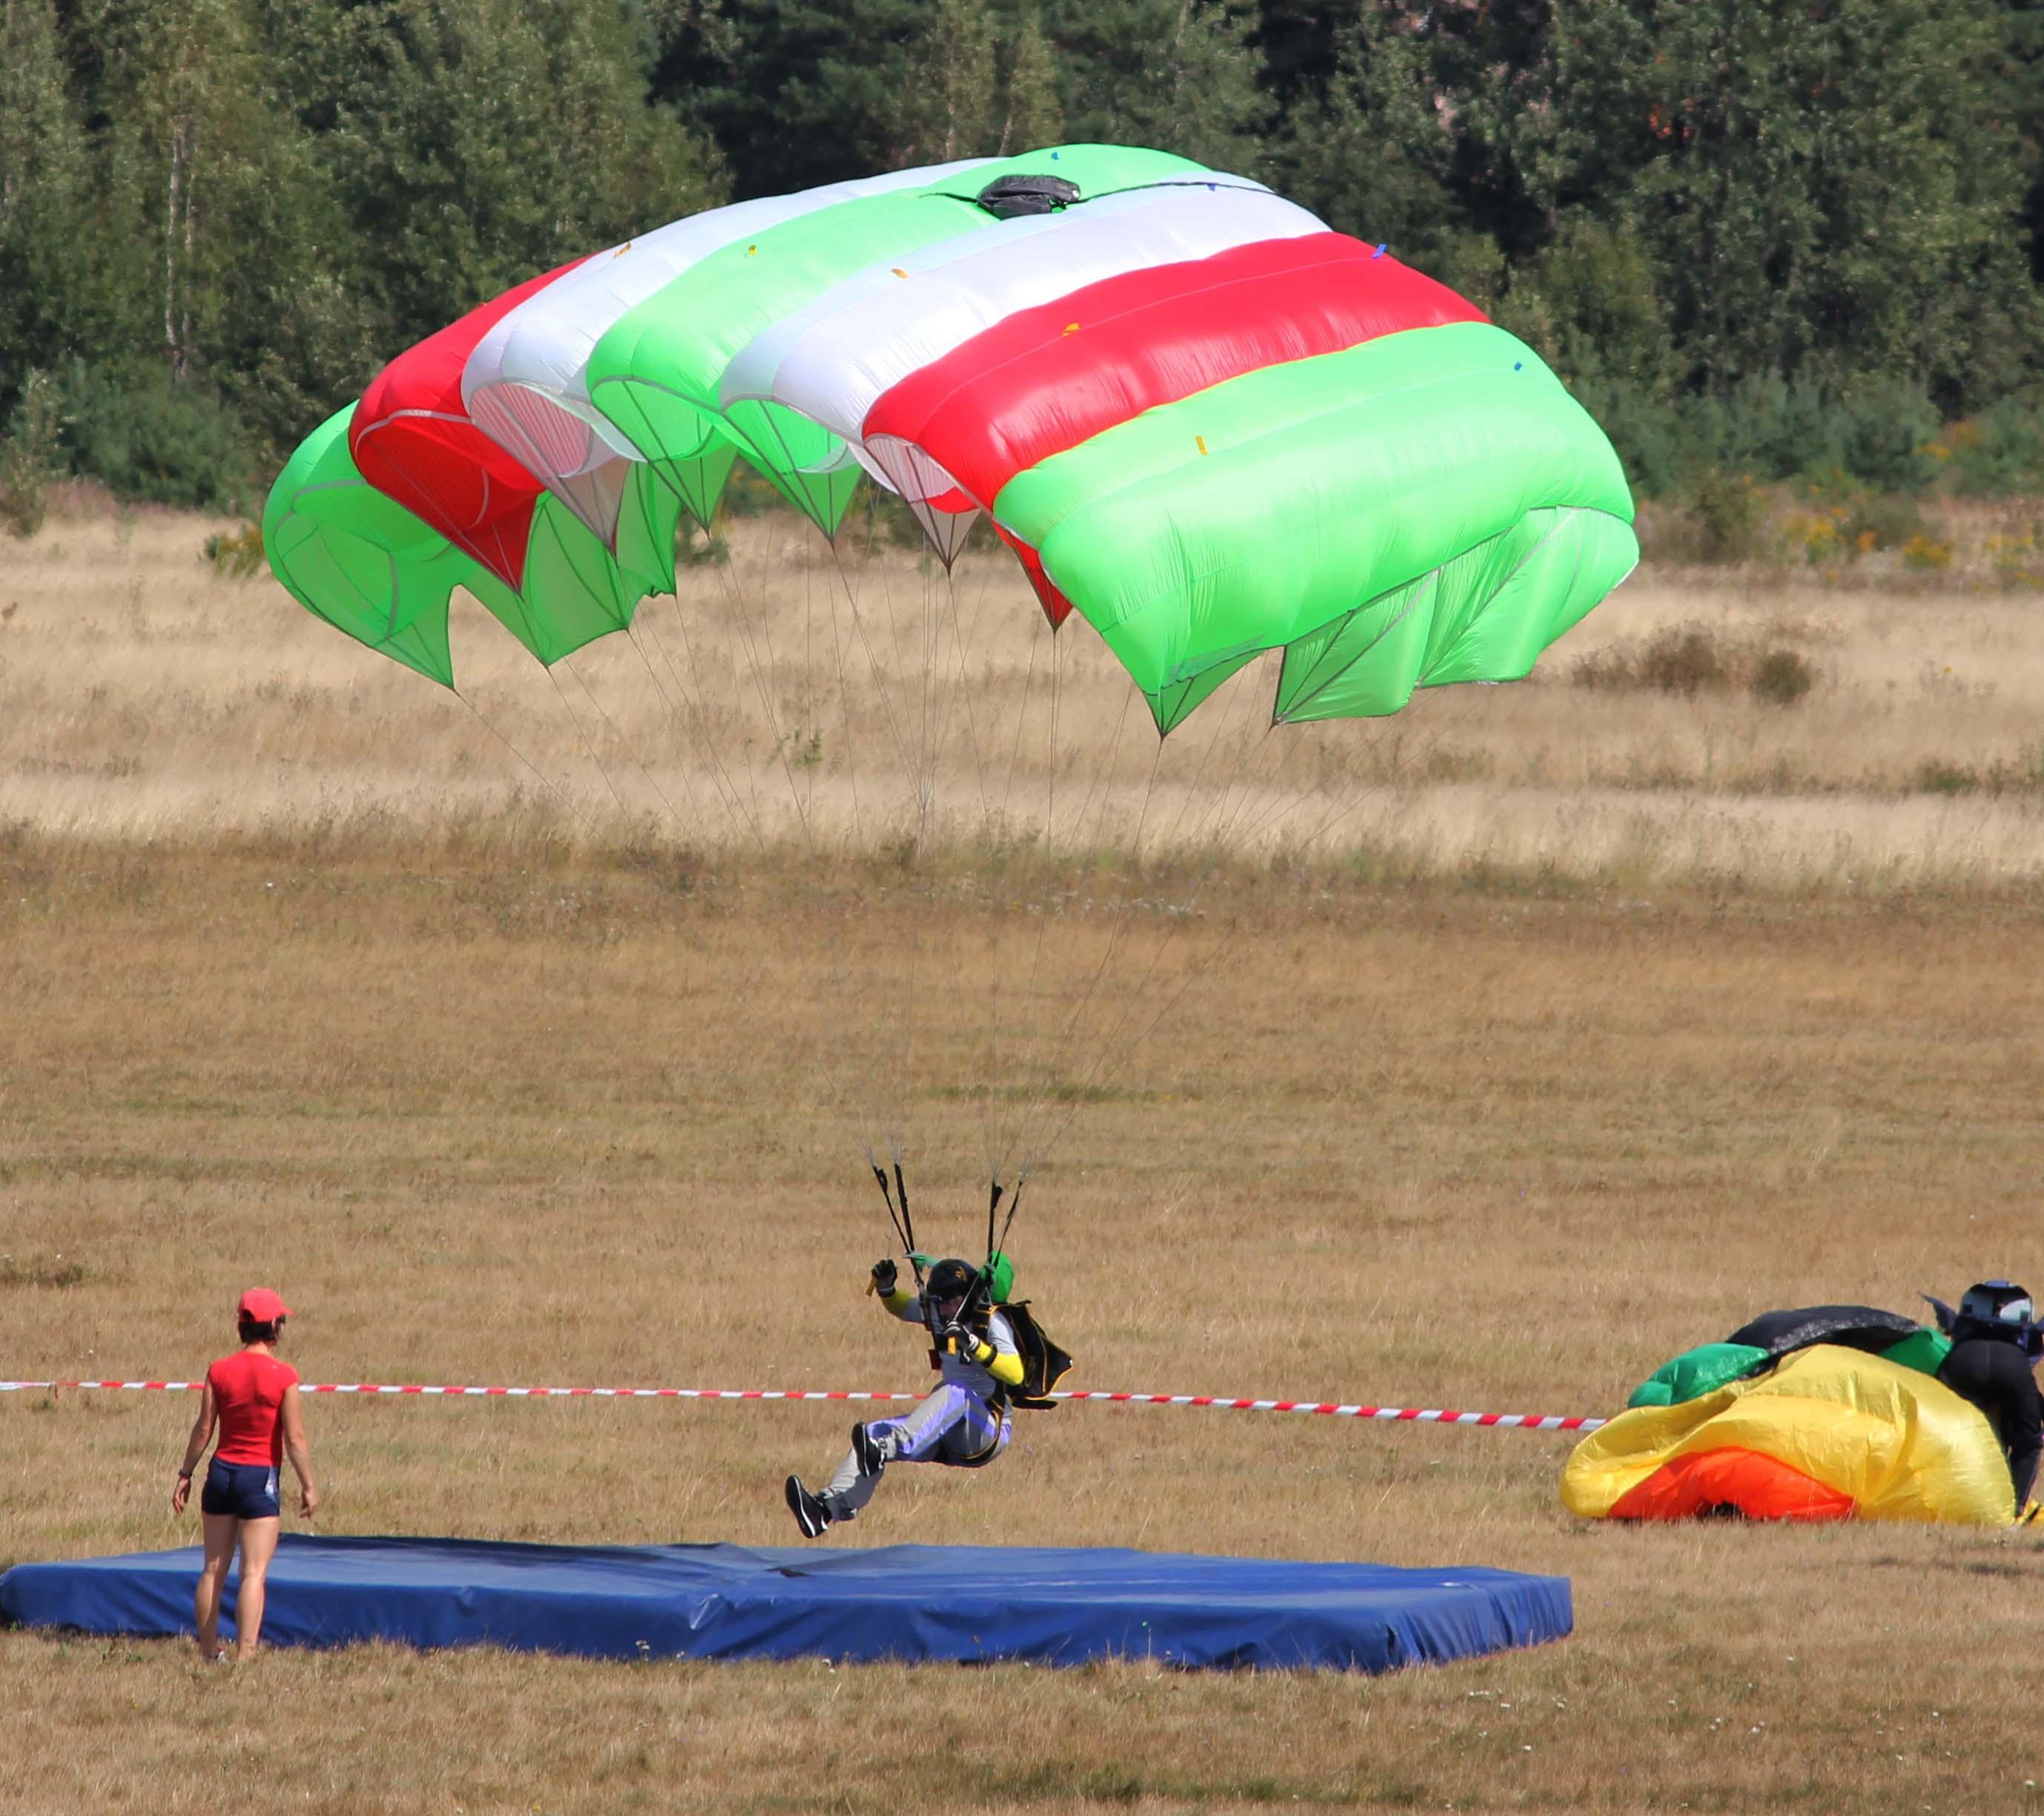 1. Парашютные прыжки на точность приземления - одна из сложнейших дисциплин классического парашютизма